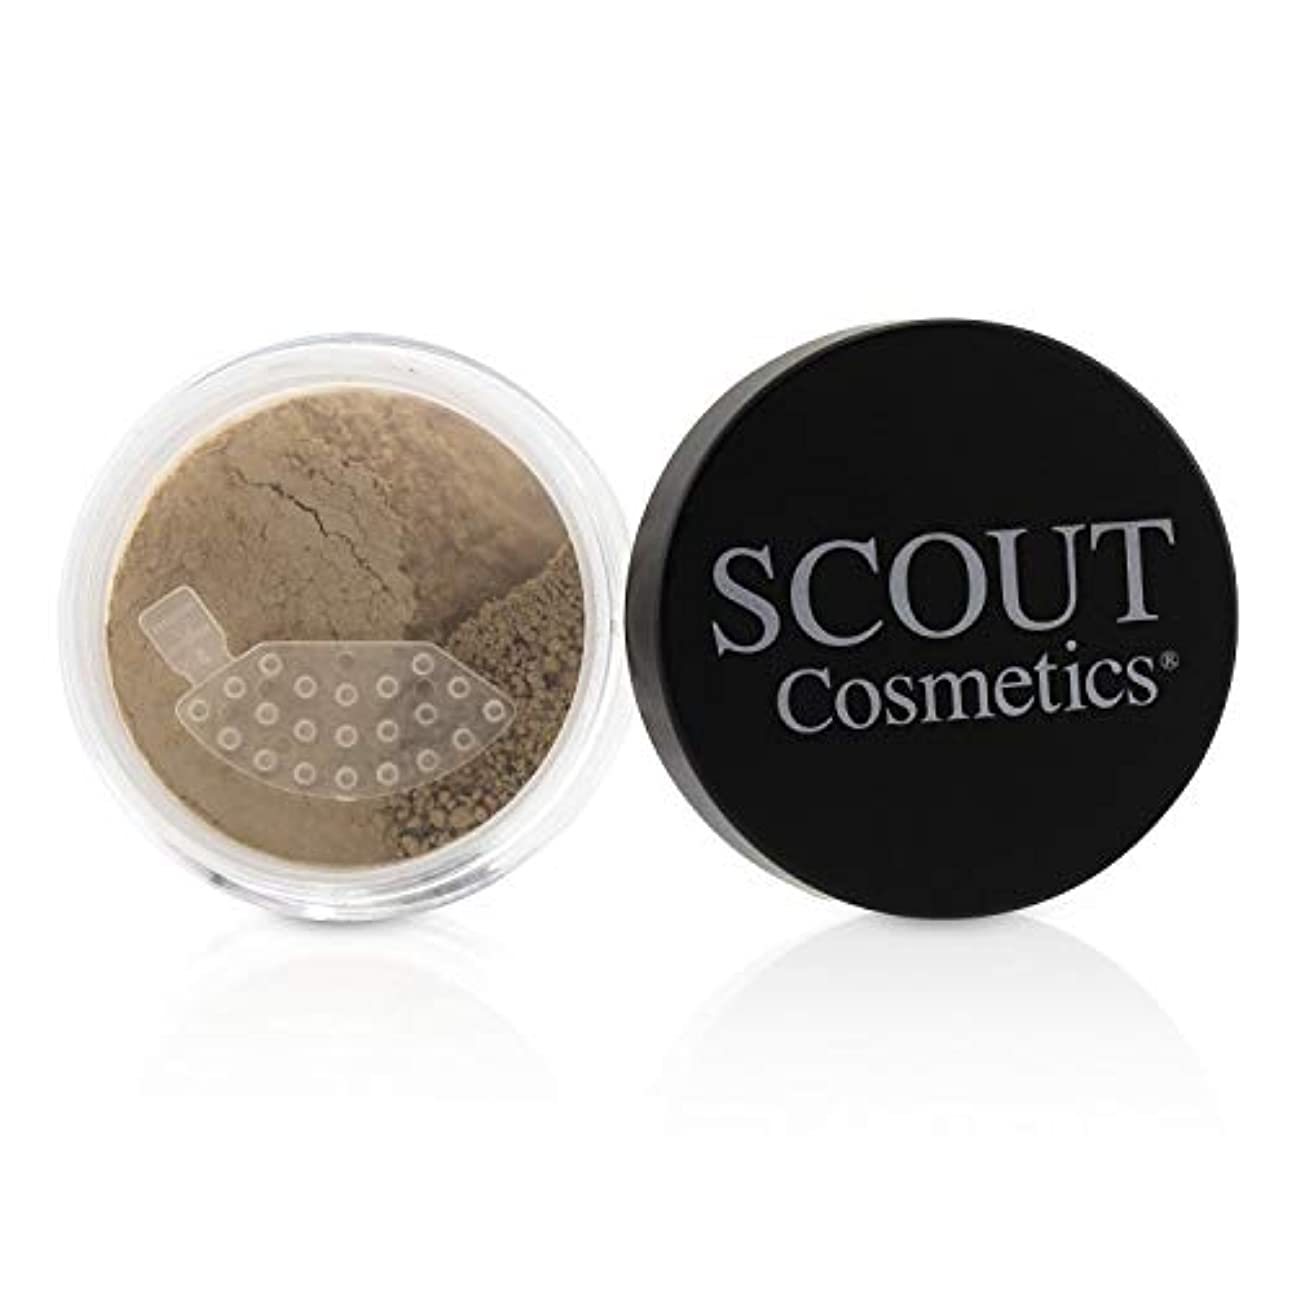 放映殺人かんたんSCOUT Cosmetics Mineral Powder Foundation SPF 20 - # Camel 8g/0.28oz並行輸入品